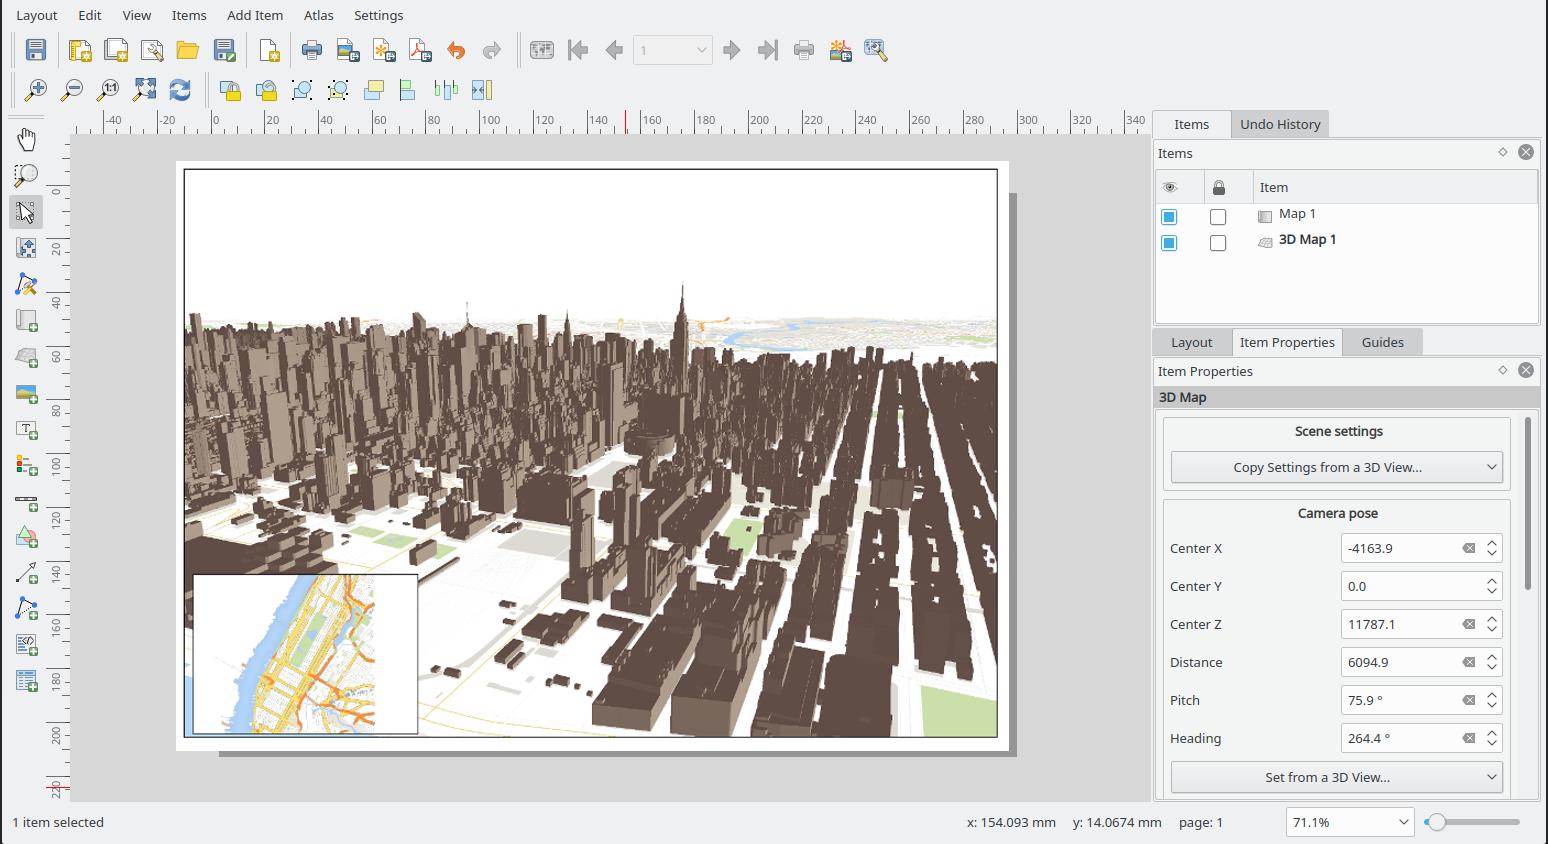 Vista 3D en el compositor de mapas de QGIS 3.4 LTR